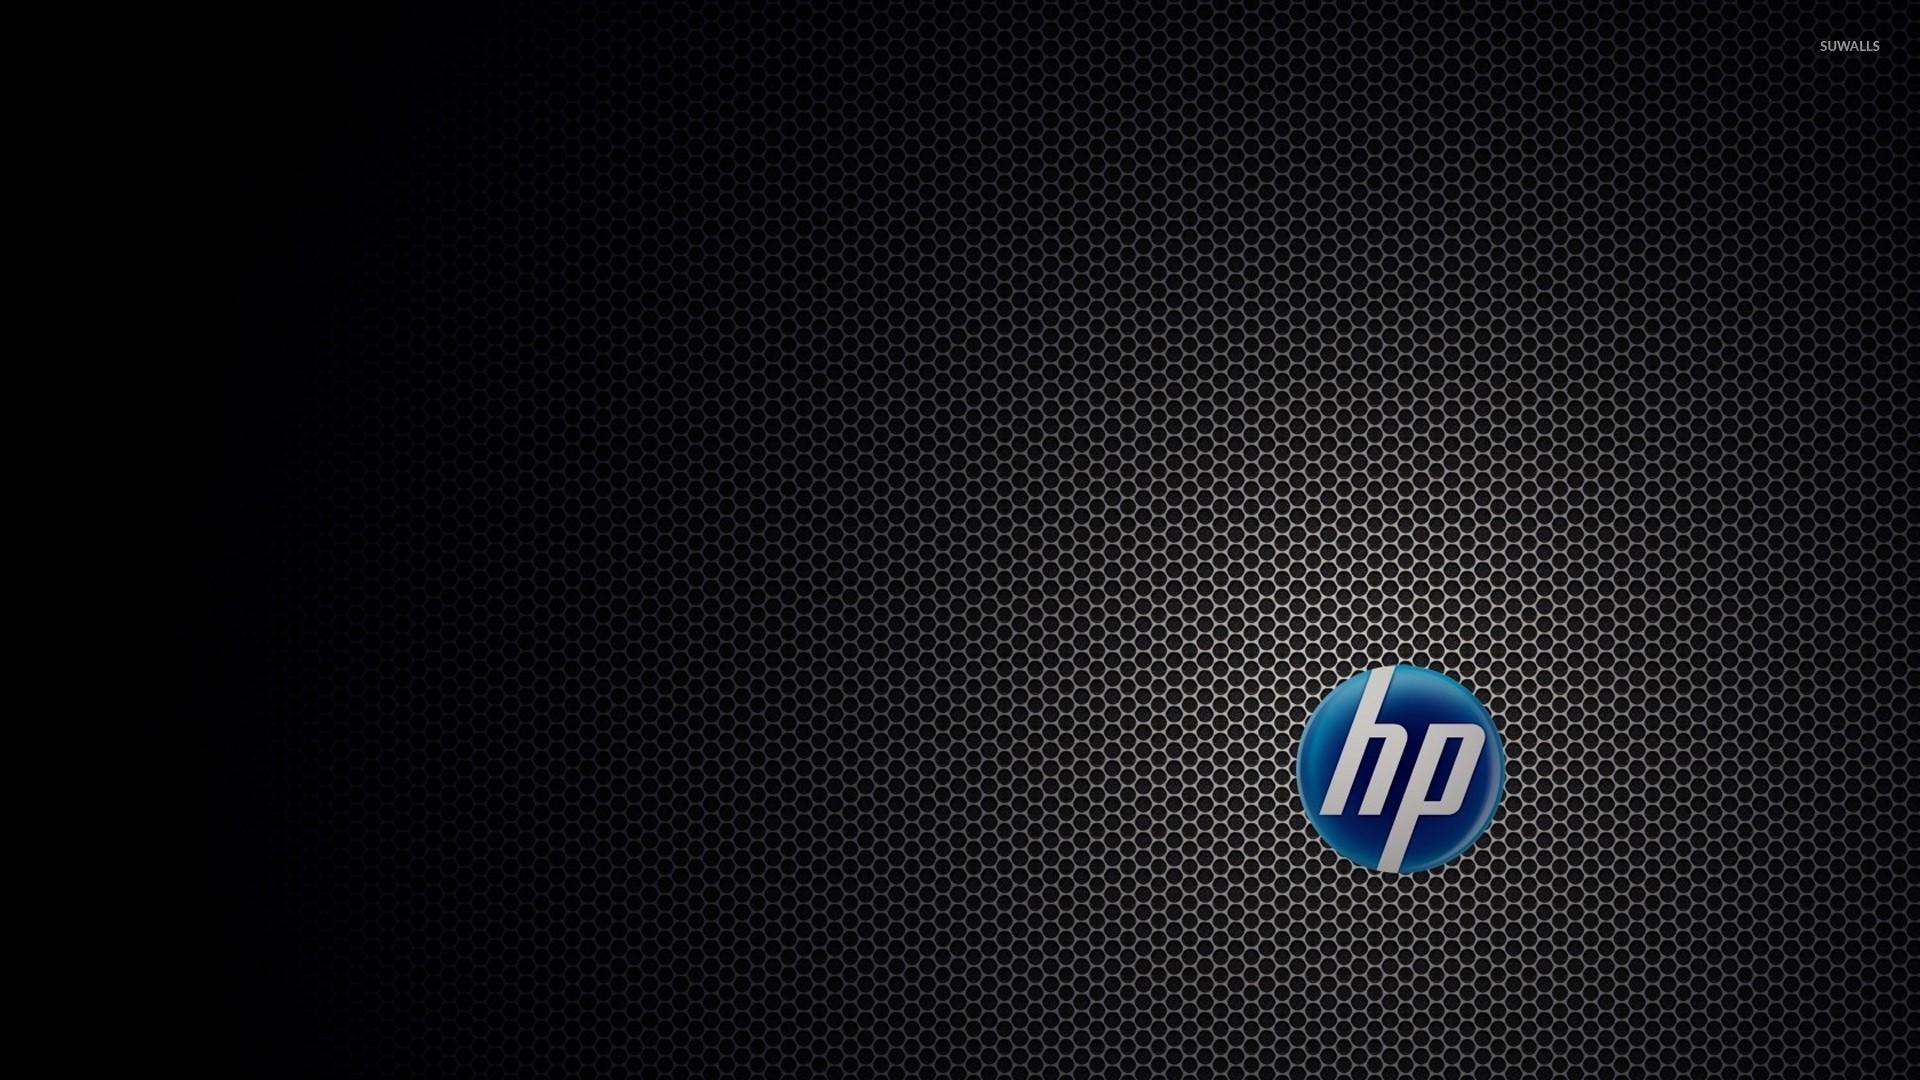 Hp Logo [5] Wallpaper